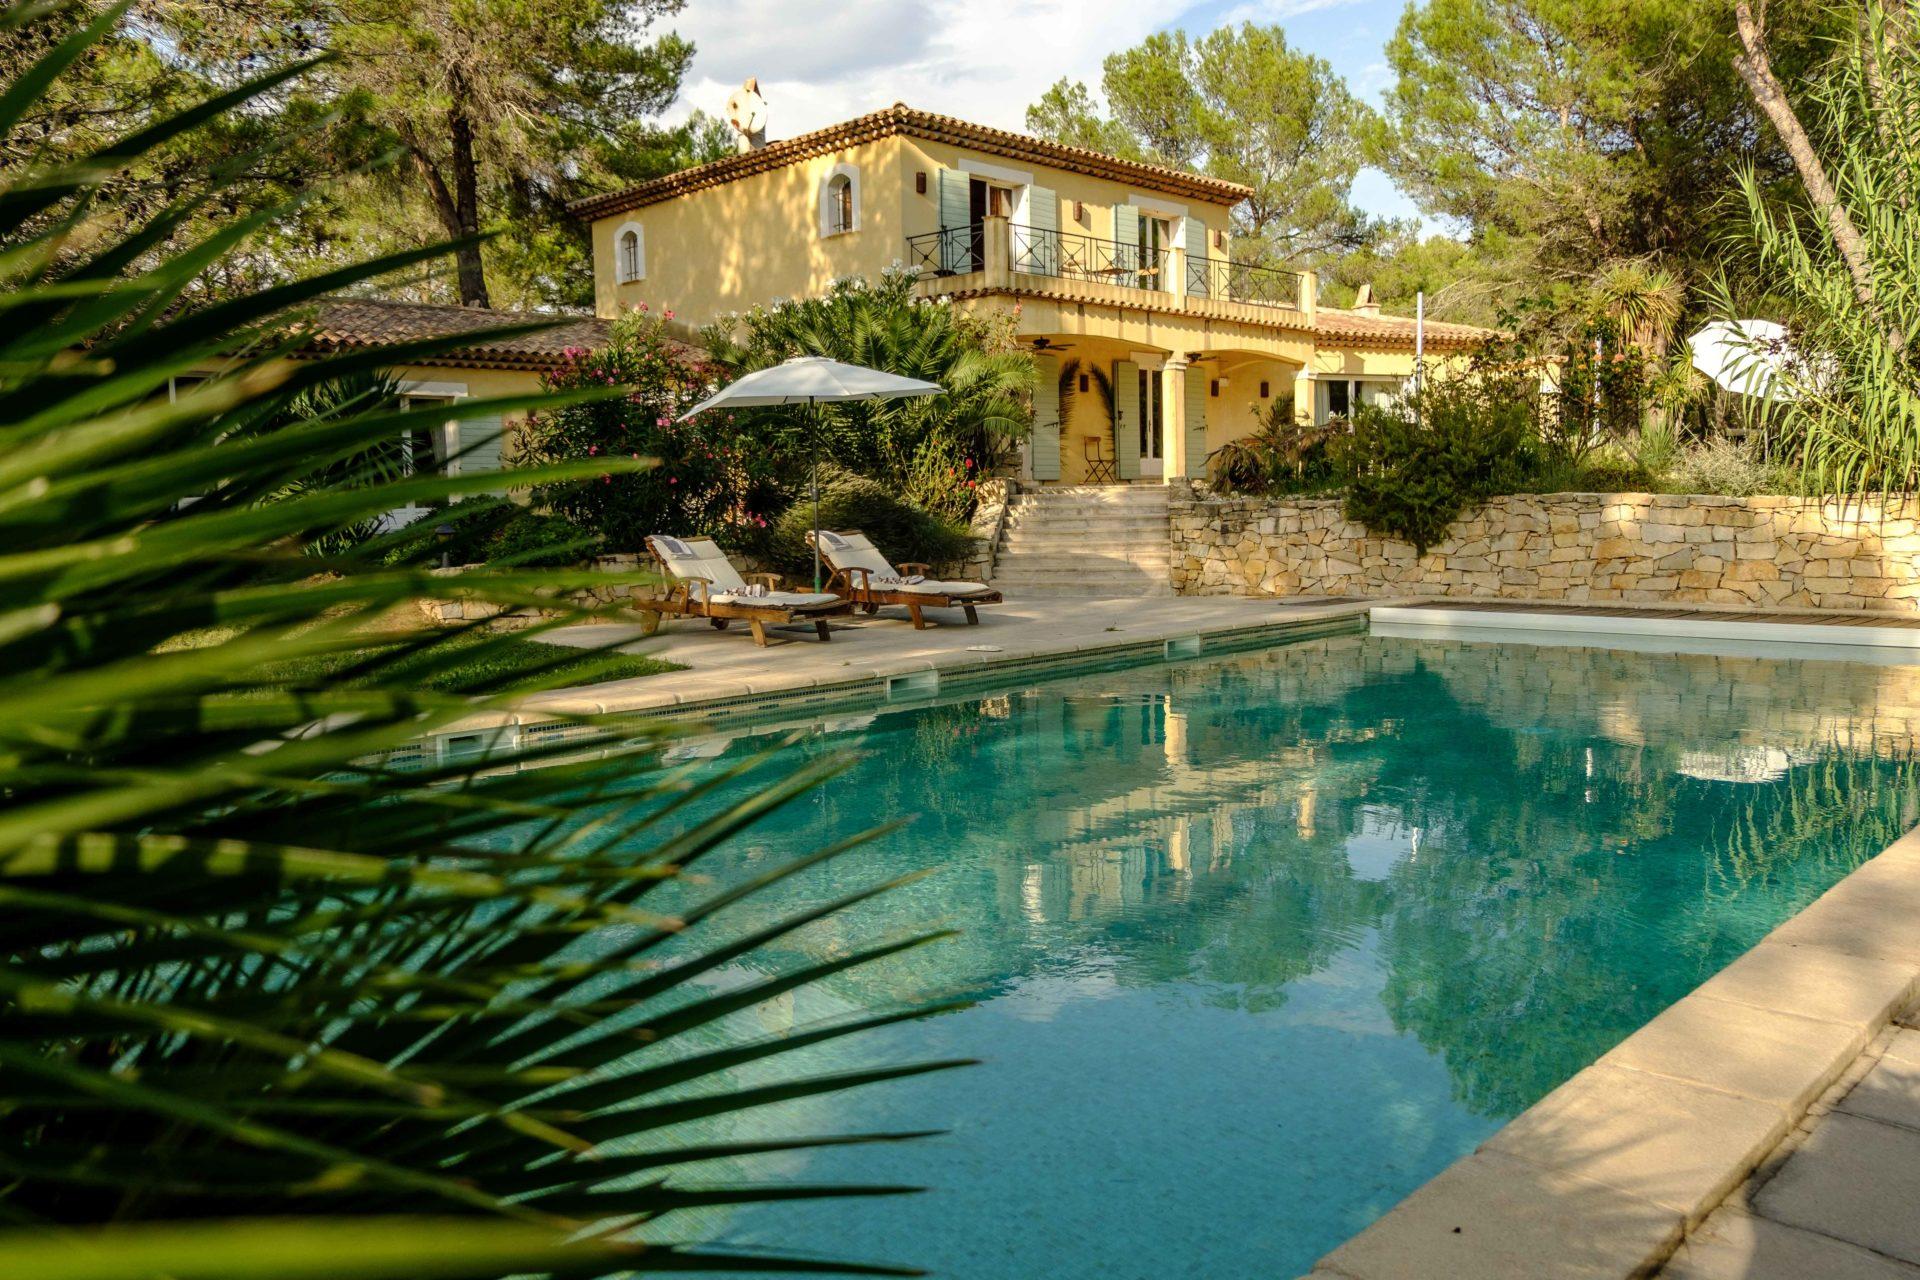 Le Queyron - vue de la maison et de la piscine